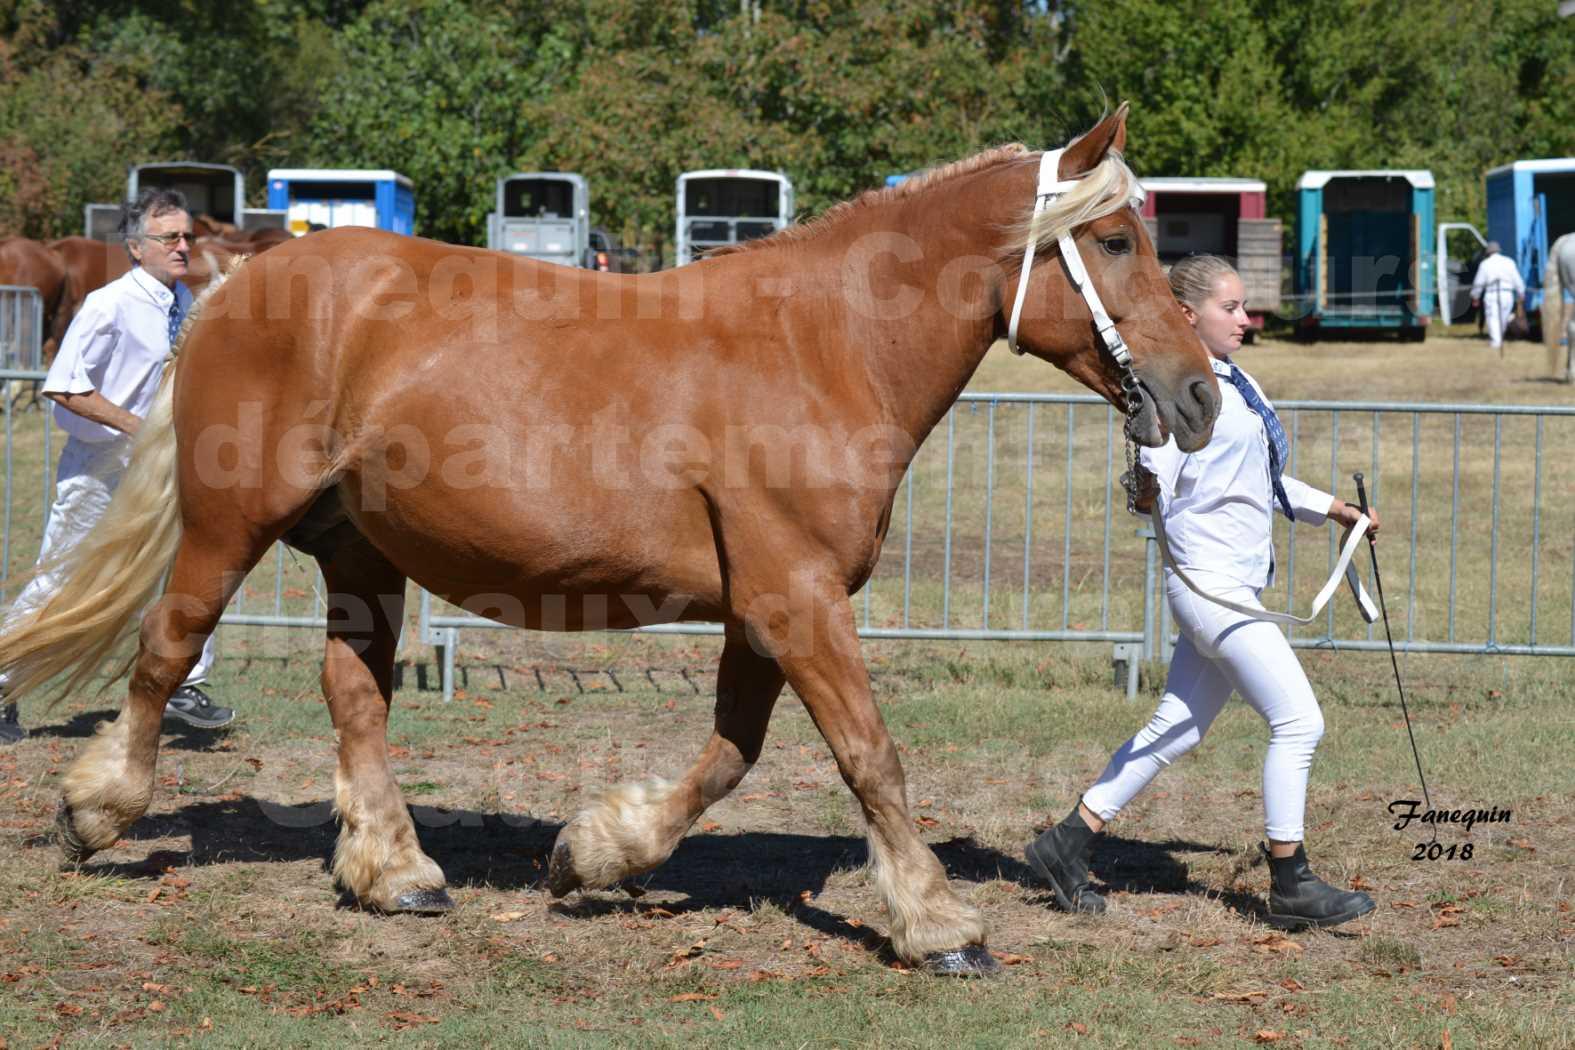 Concours départemental de chevaux de traits à GRAULHET en 2018 - Elevage POUJADE - Notre Sélection - 16